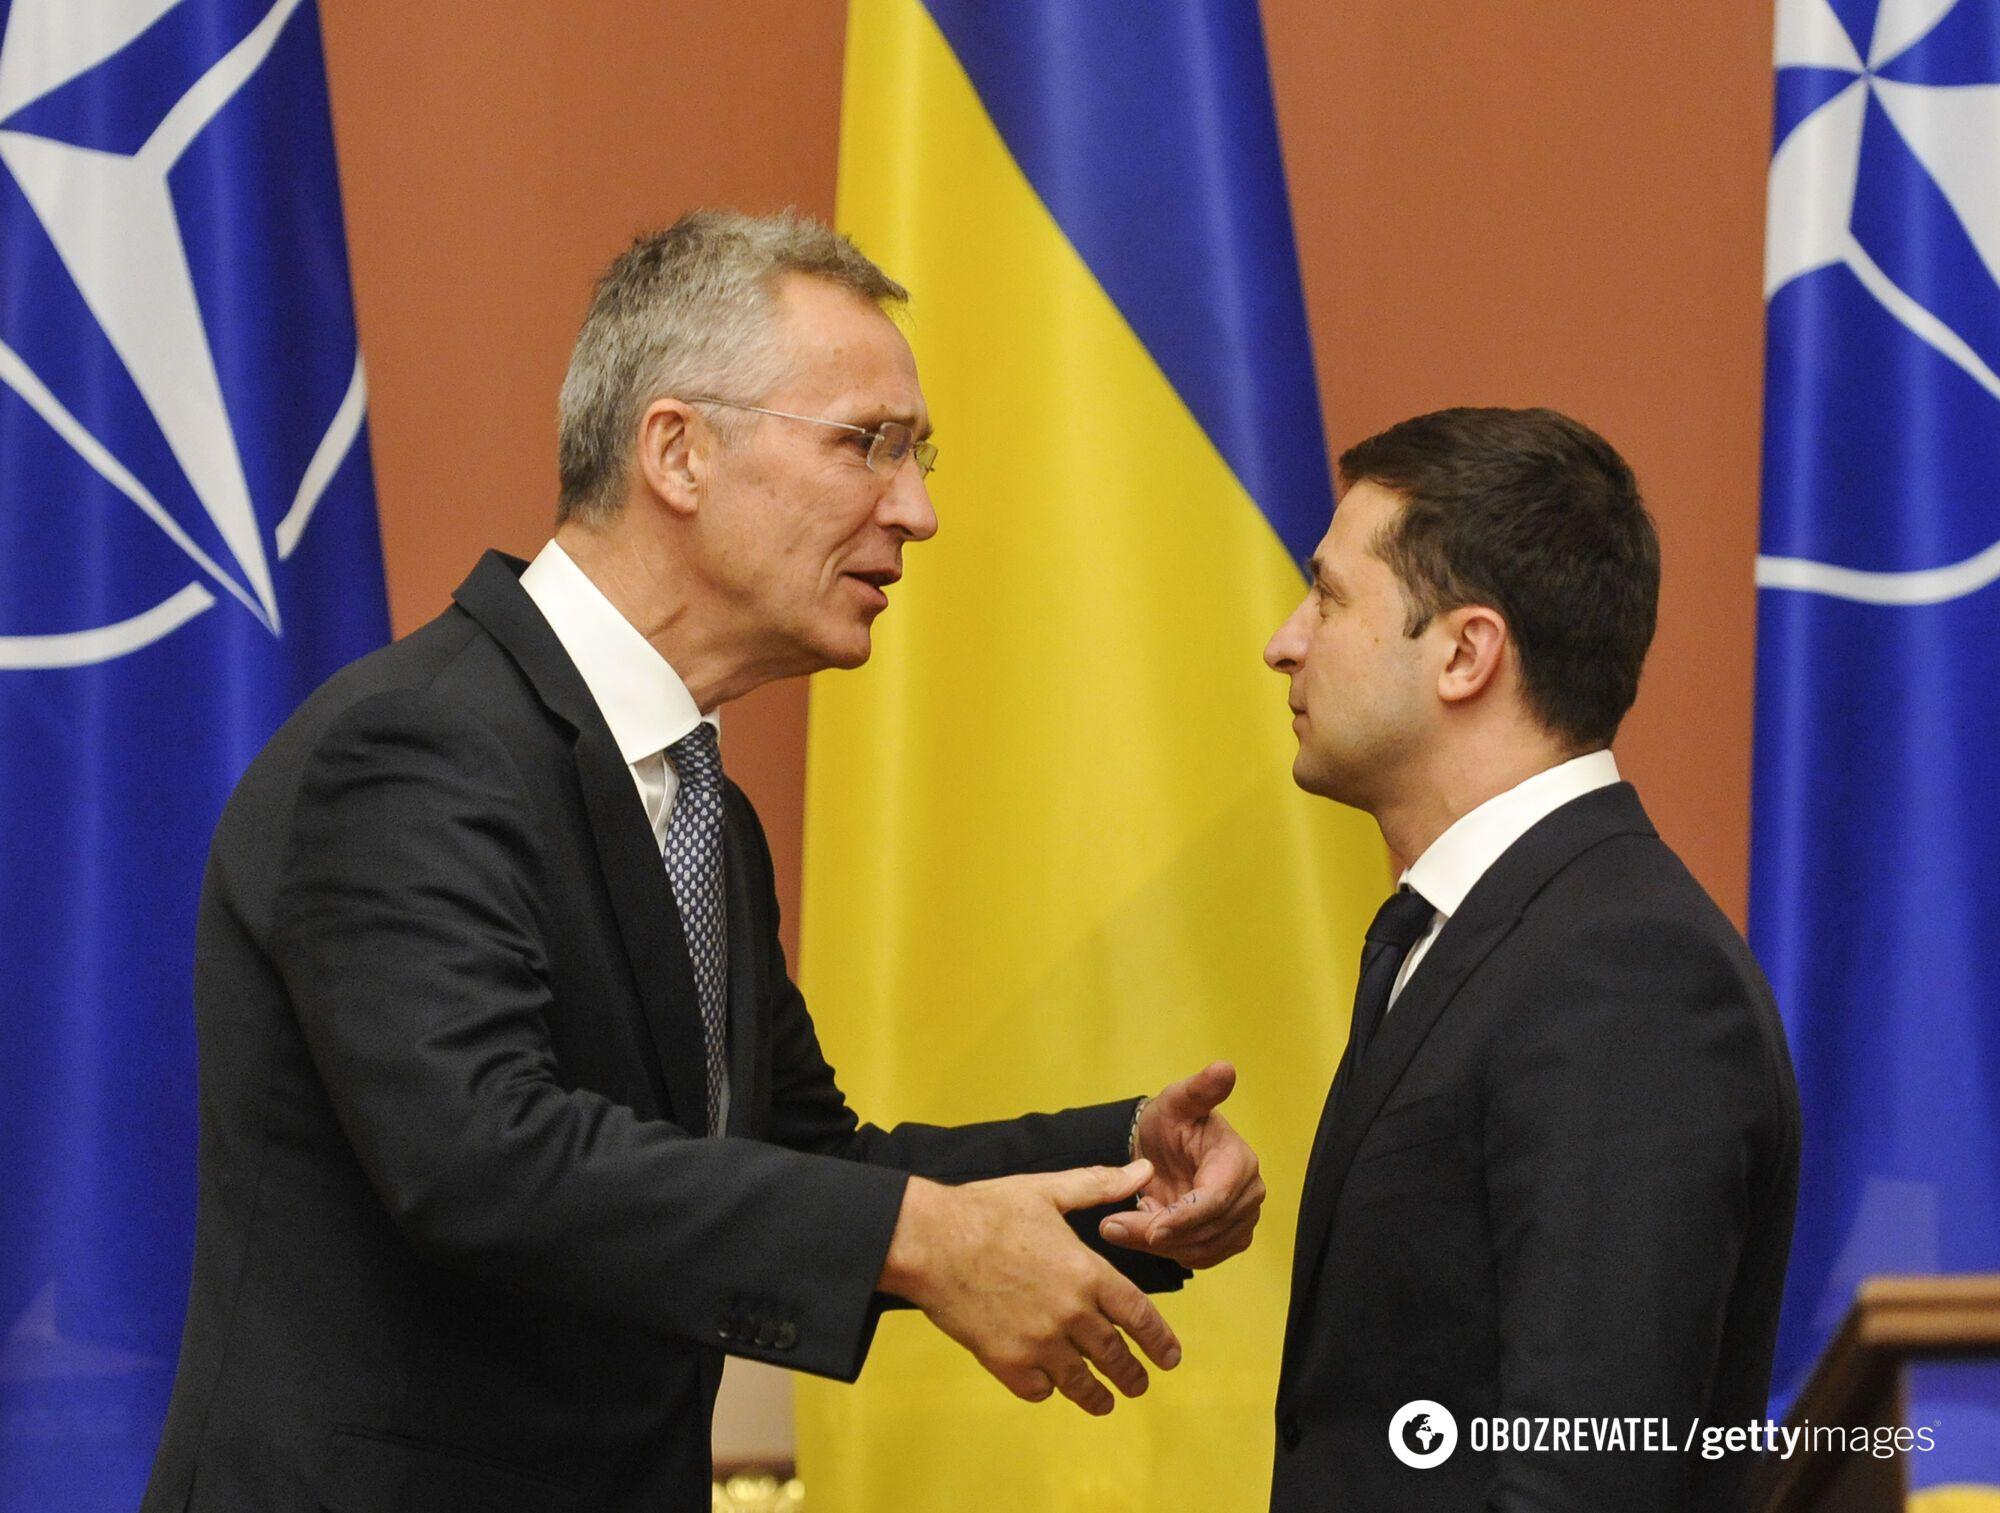 Визит генсека НАТО Йенса Столтенберга в Украину 30 октября 2019 года